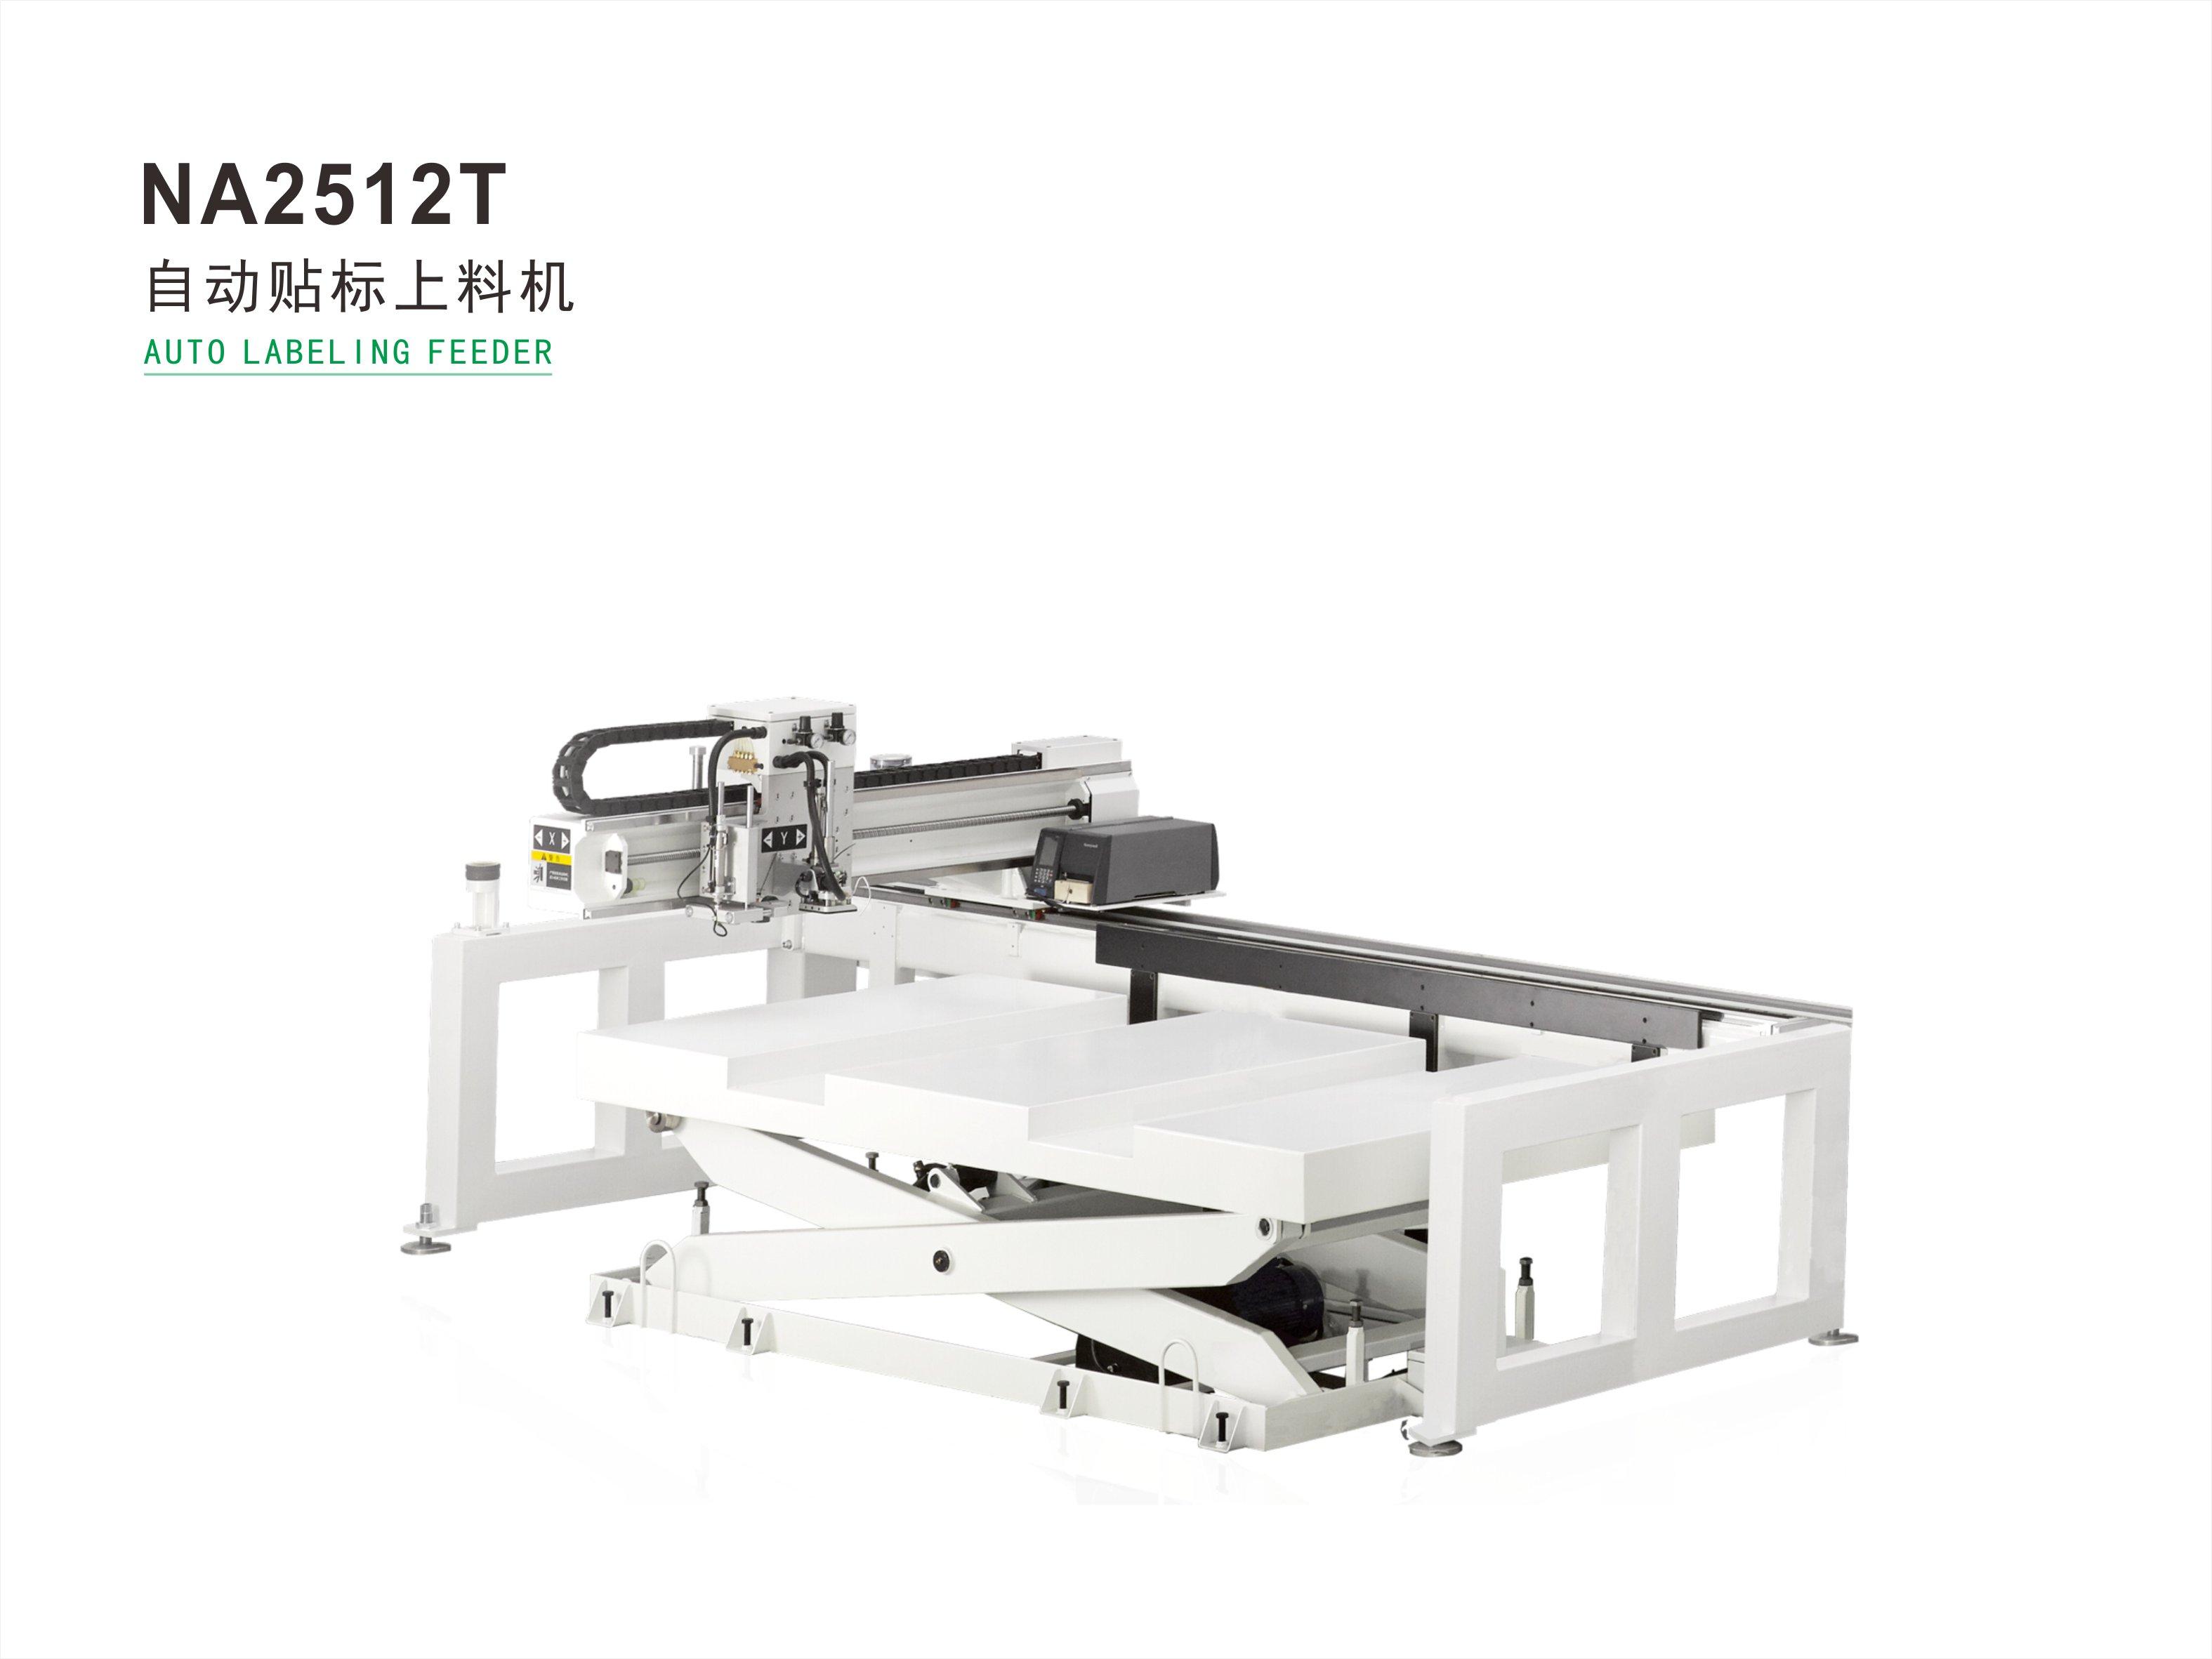 自动贴标上料机 NA2512T